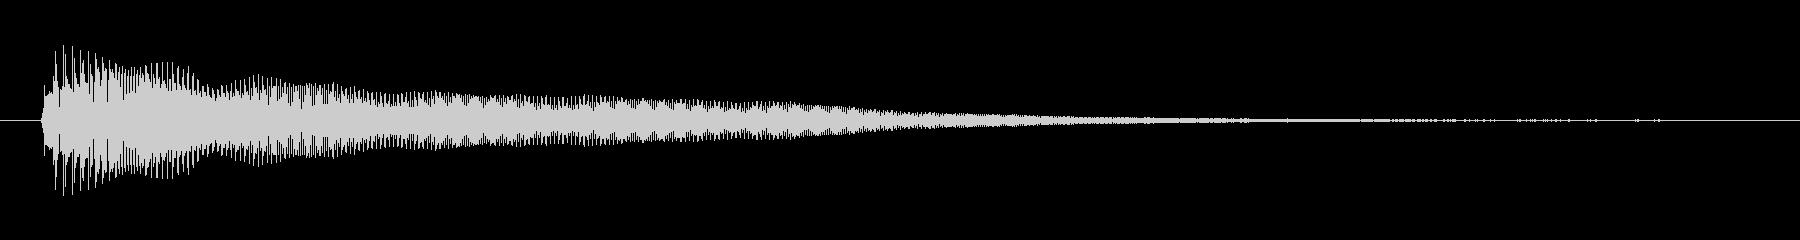 ピンッ。デジタル音。の未再生の波形